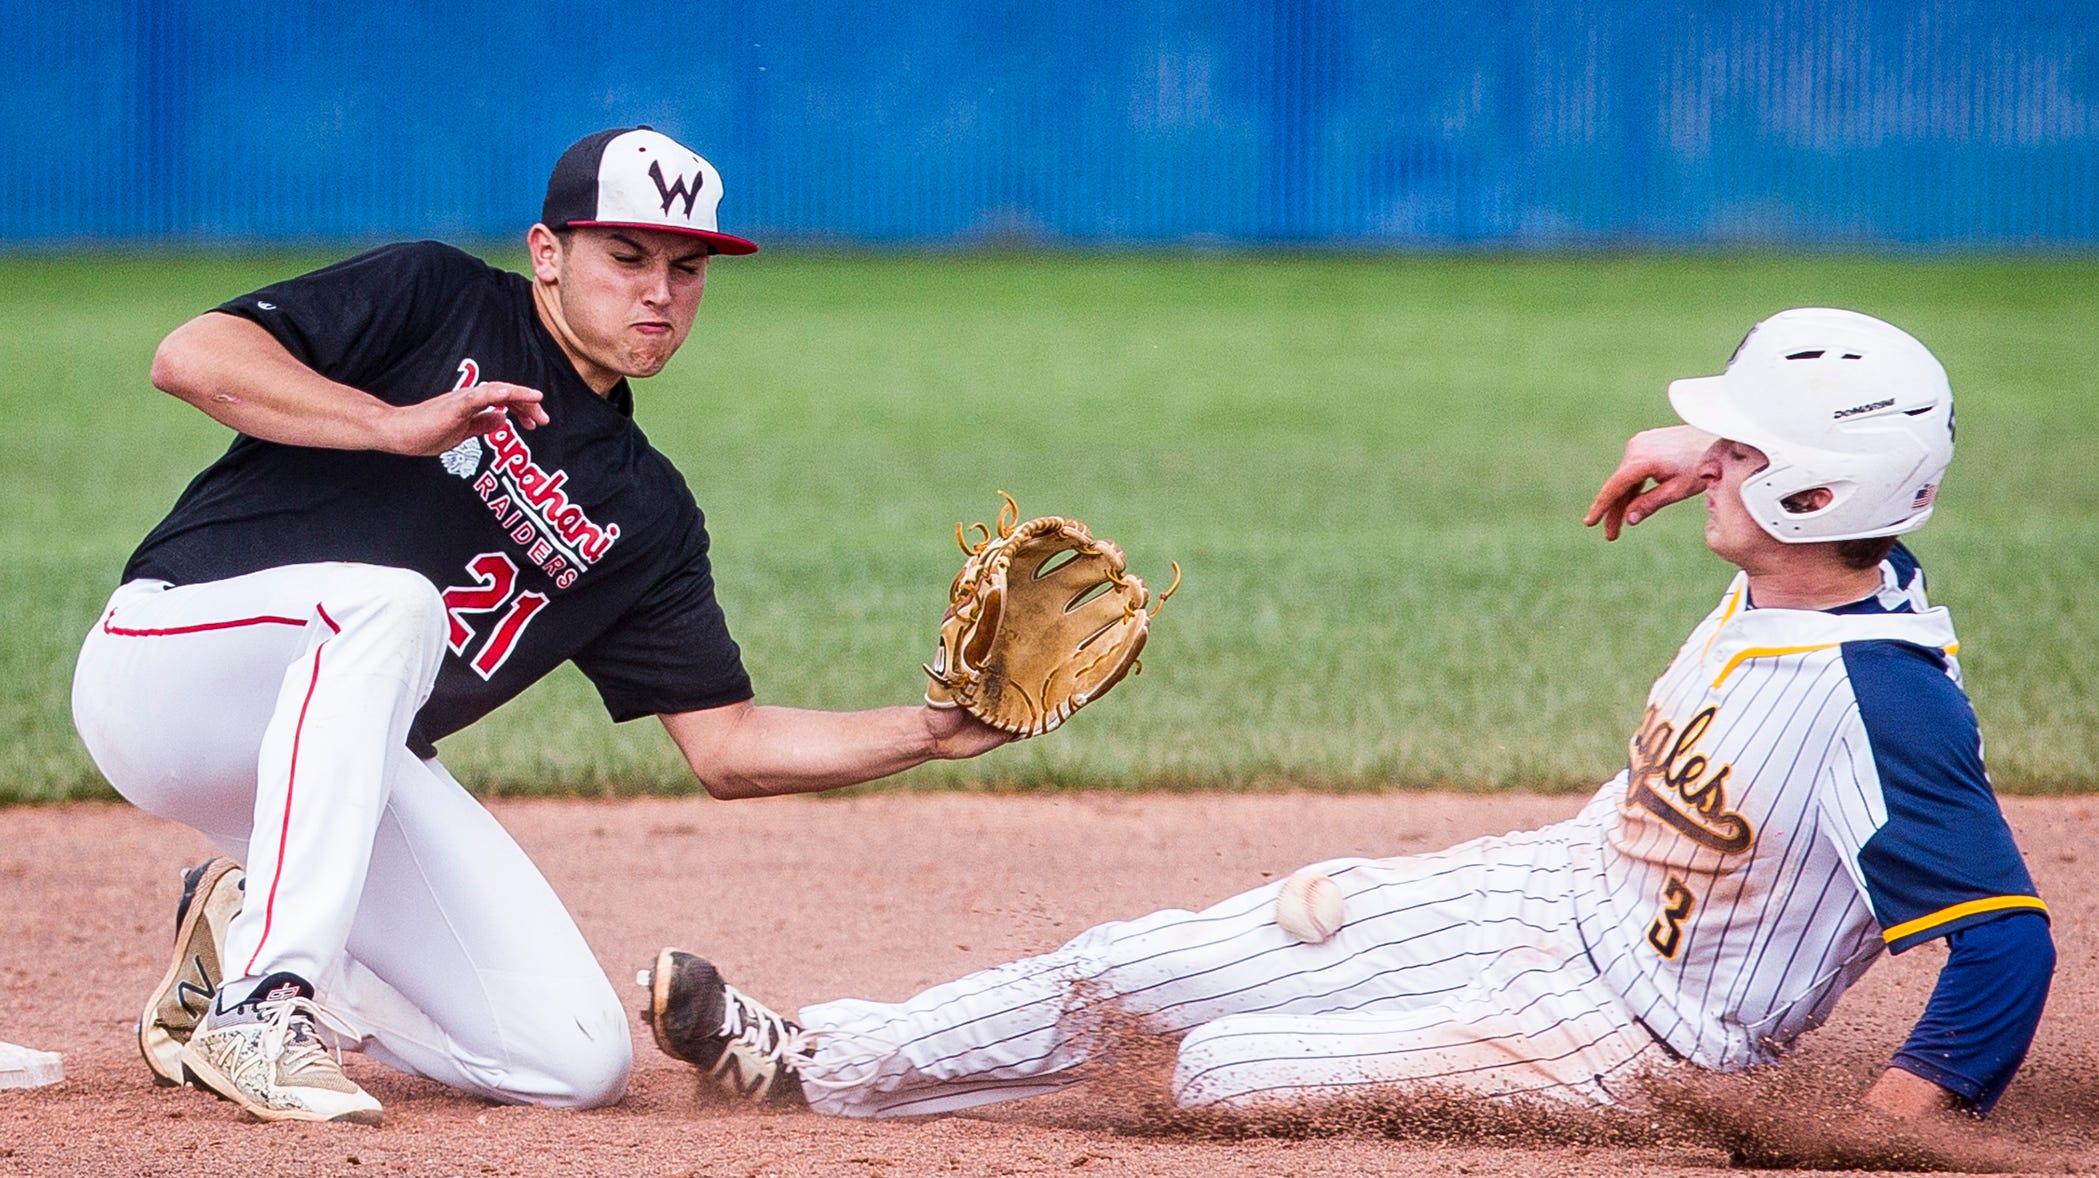 Delta versus Wapahani baseball